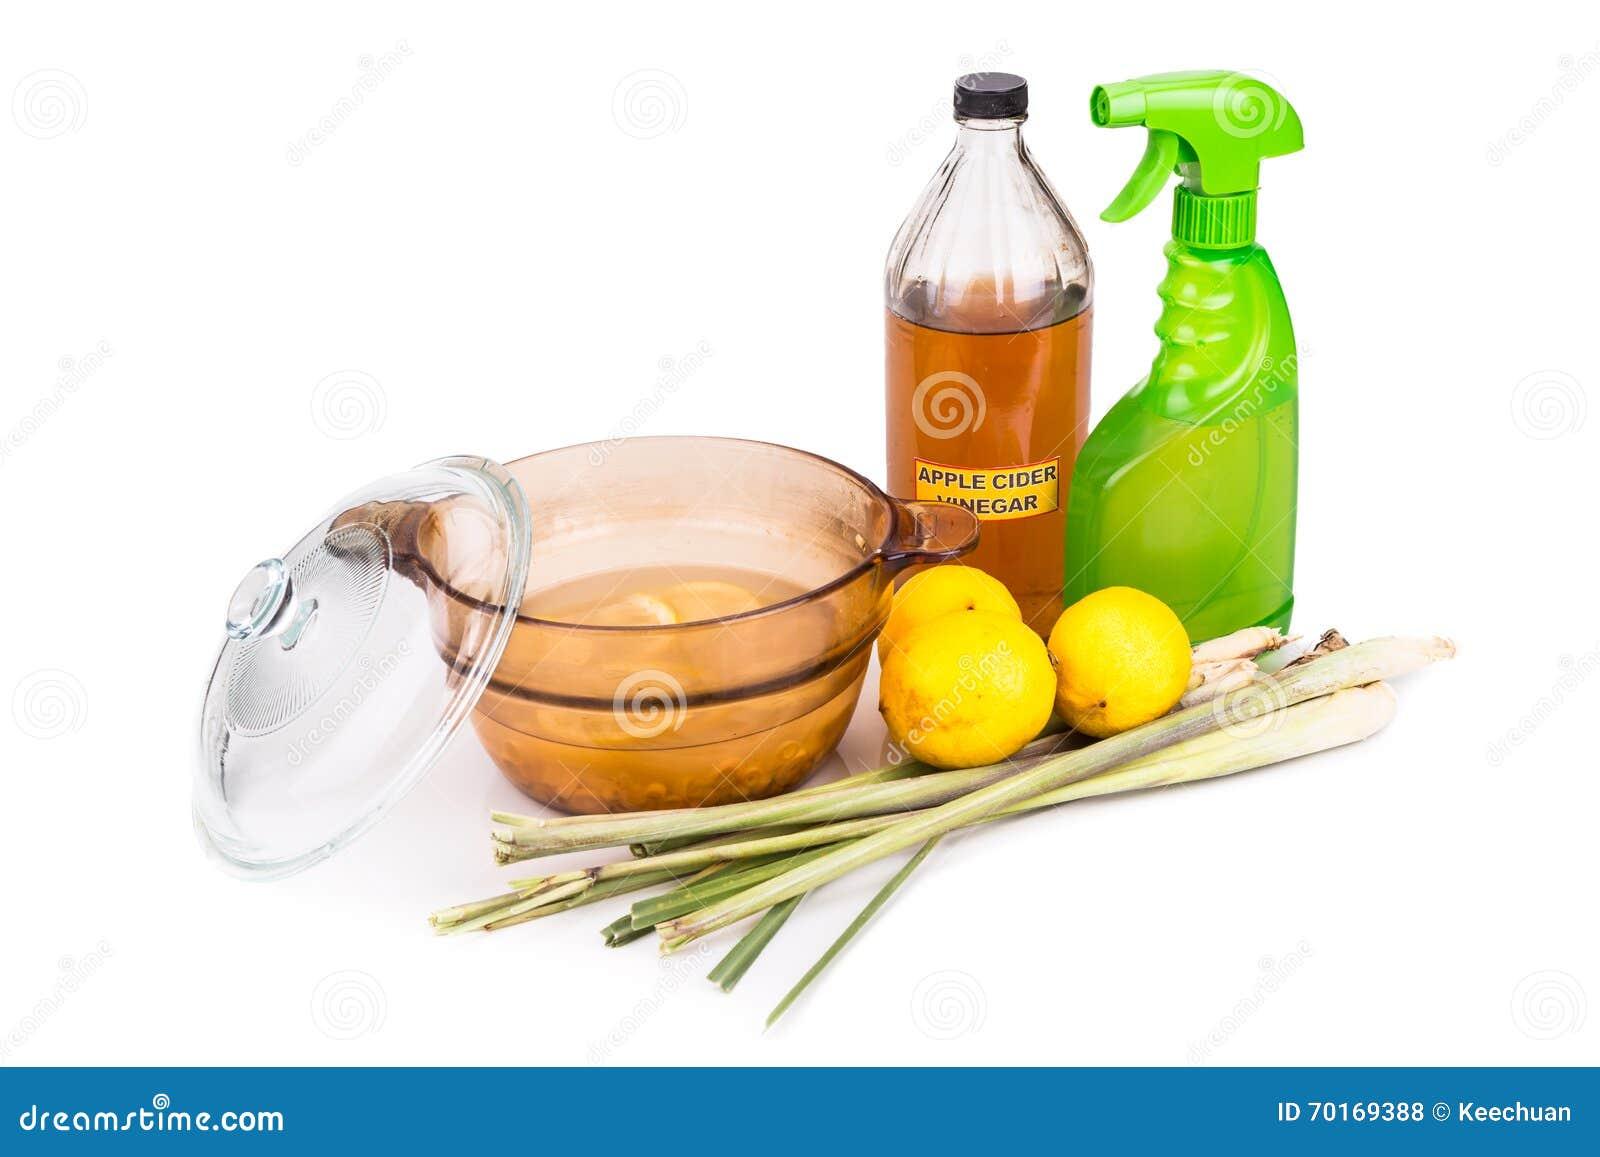 苹果汁醋,柠檬,柠檬香茅有效的昆虫repelle